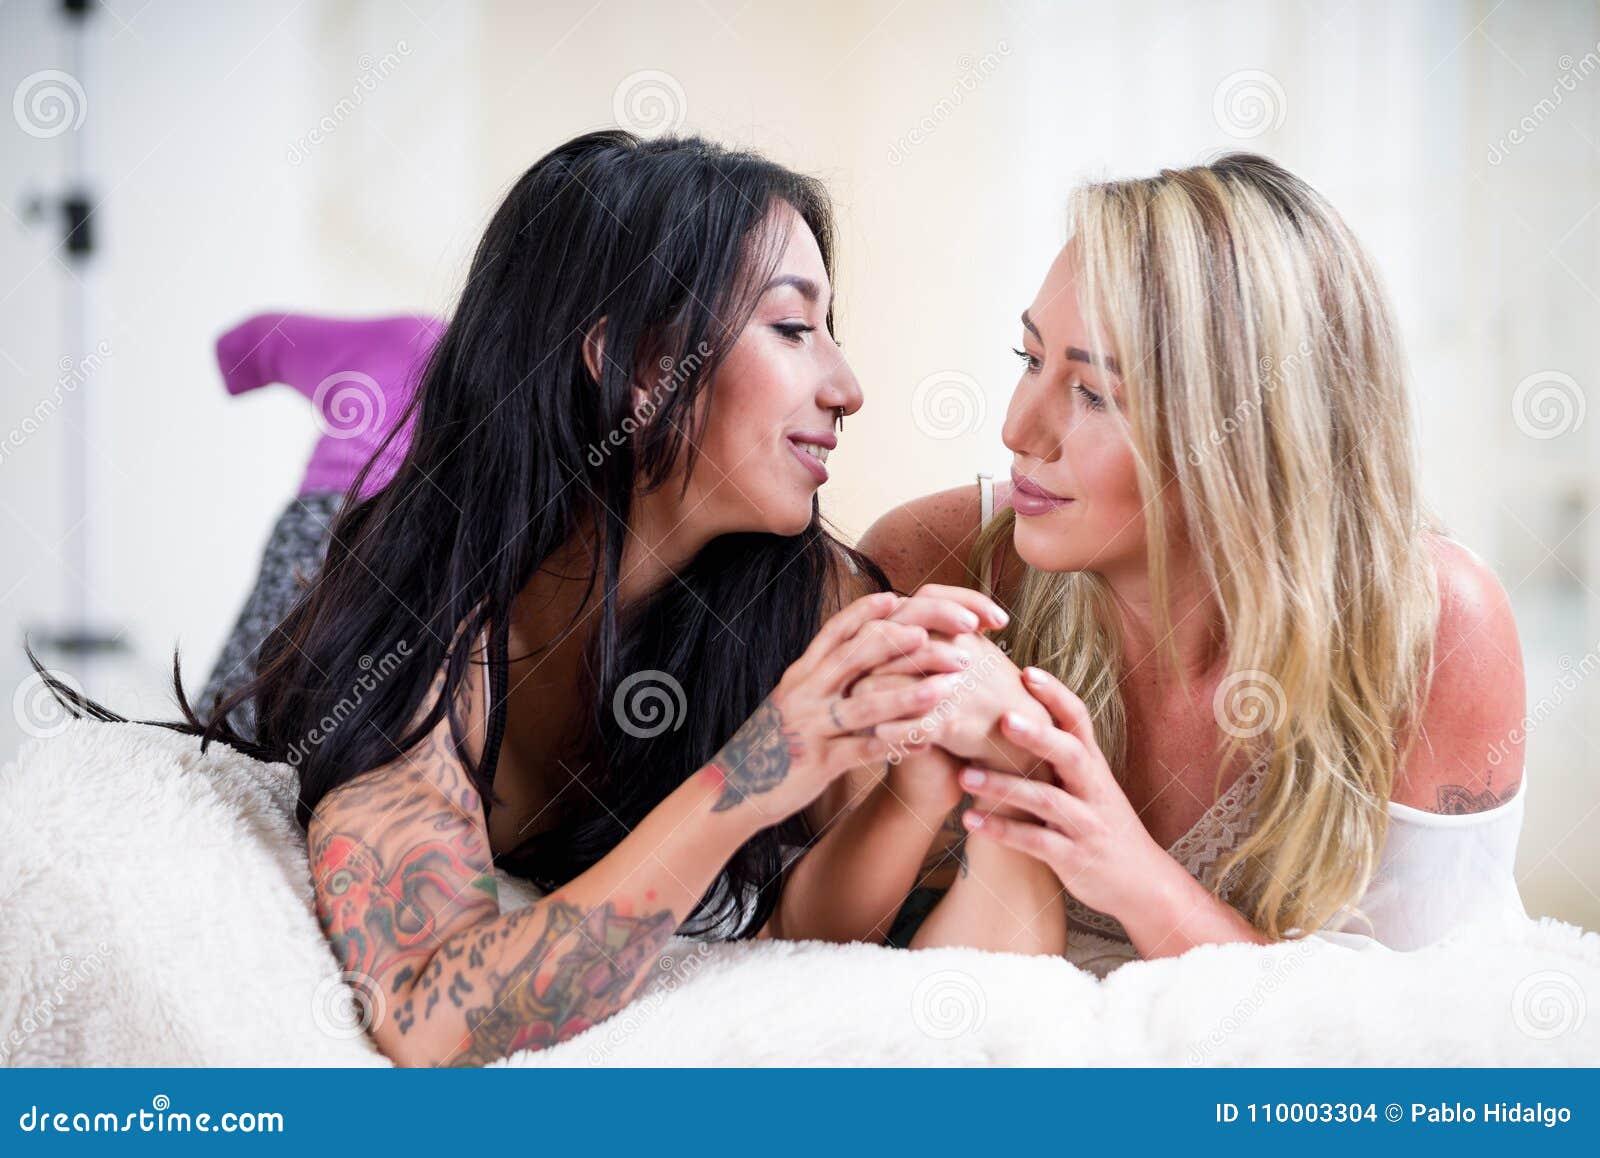 На кровати фото лесбиянок, многочисленные оргии бисексуалов